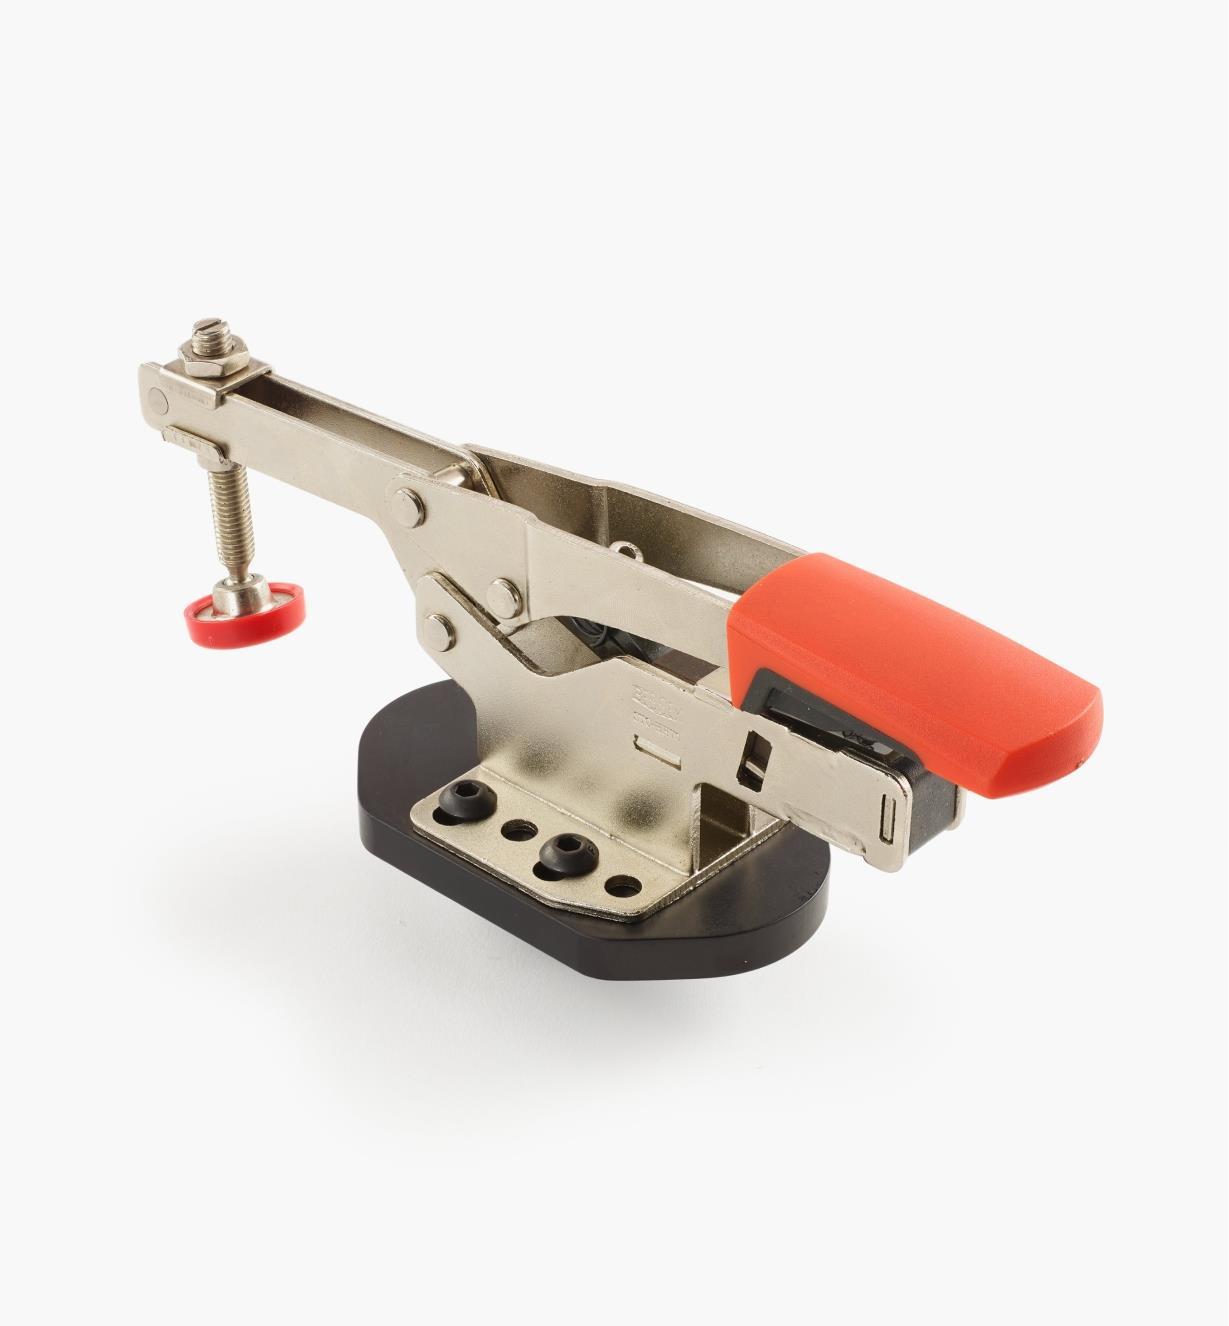 50F0122 - Sauterelle horizontale modèle haut, avec plaque de fixation, tige de 20mm